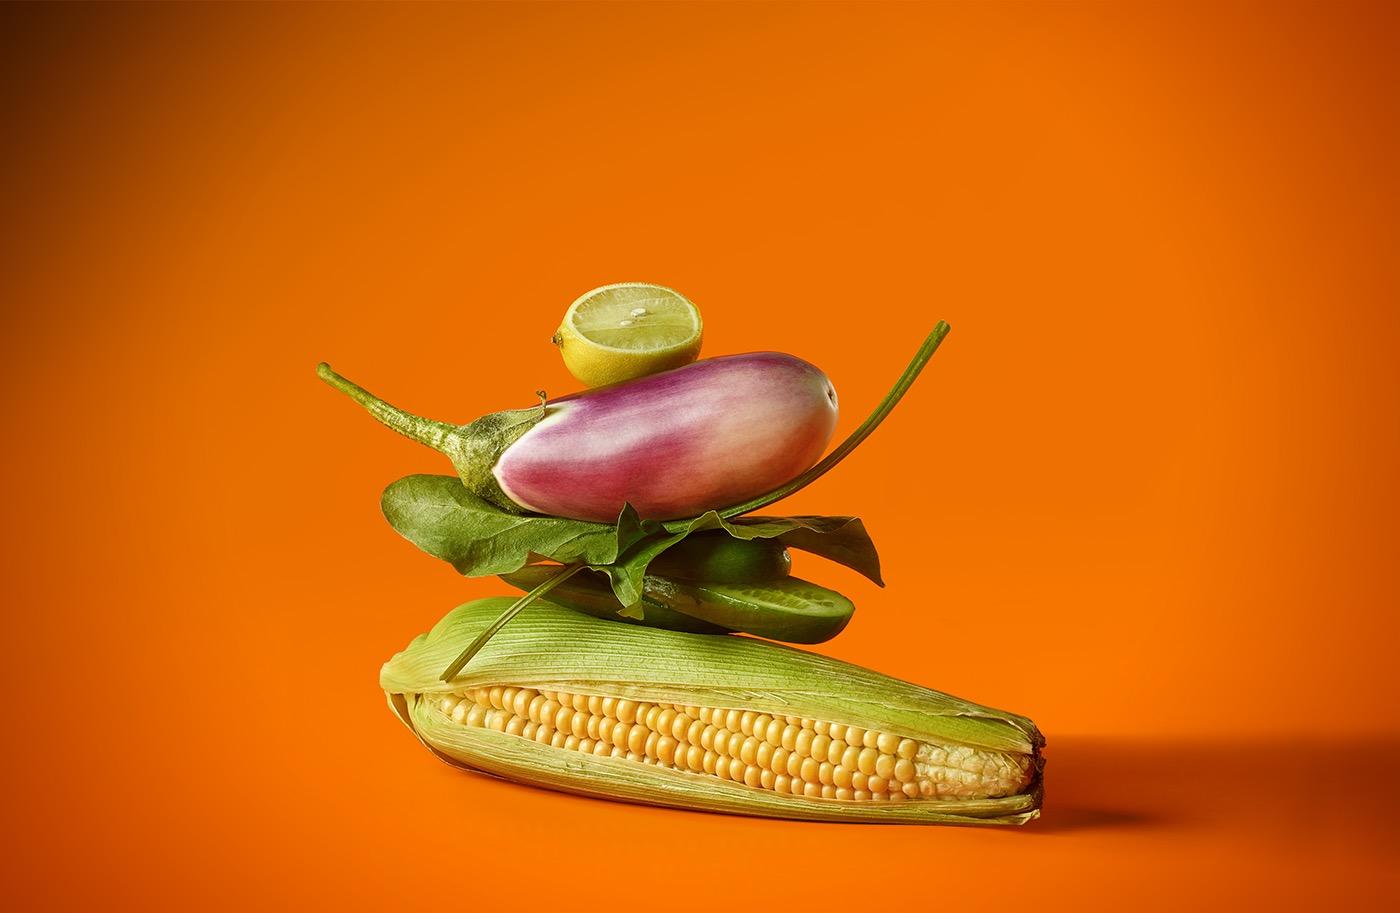 16 Bức ảnh về thực phẩm và ý tưởng cho cảm hứng của bạn